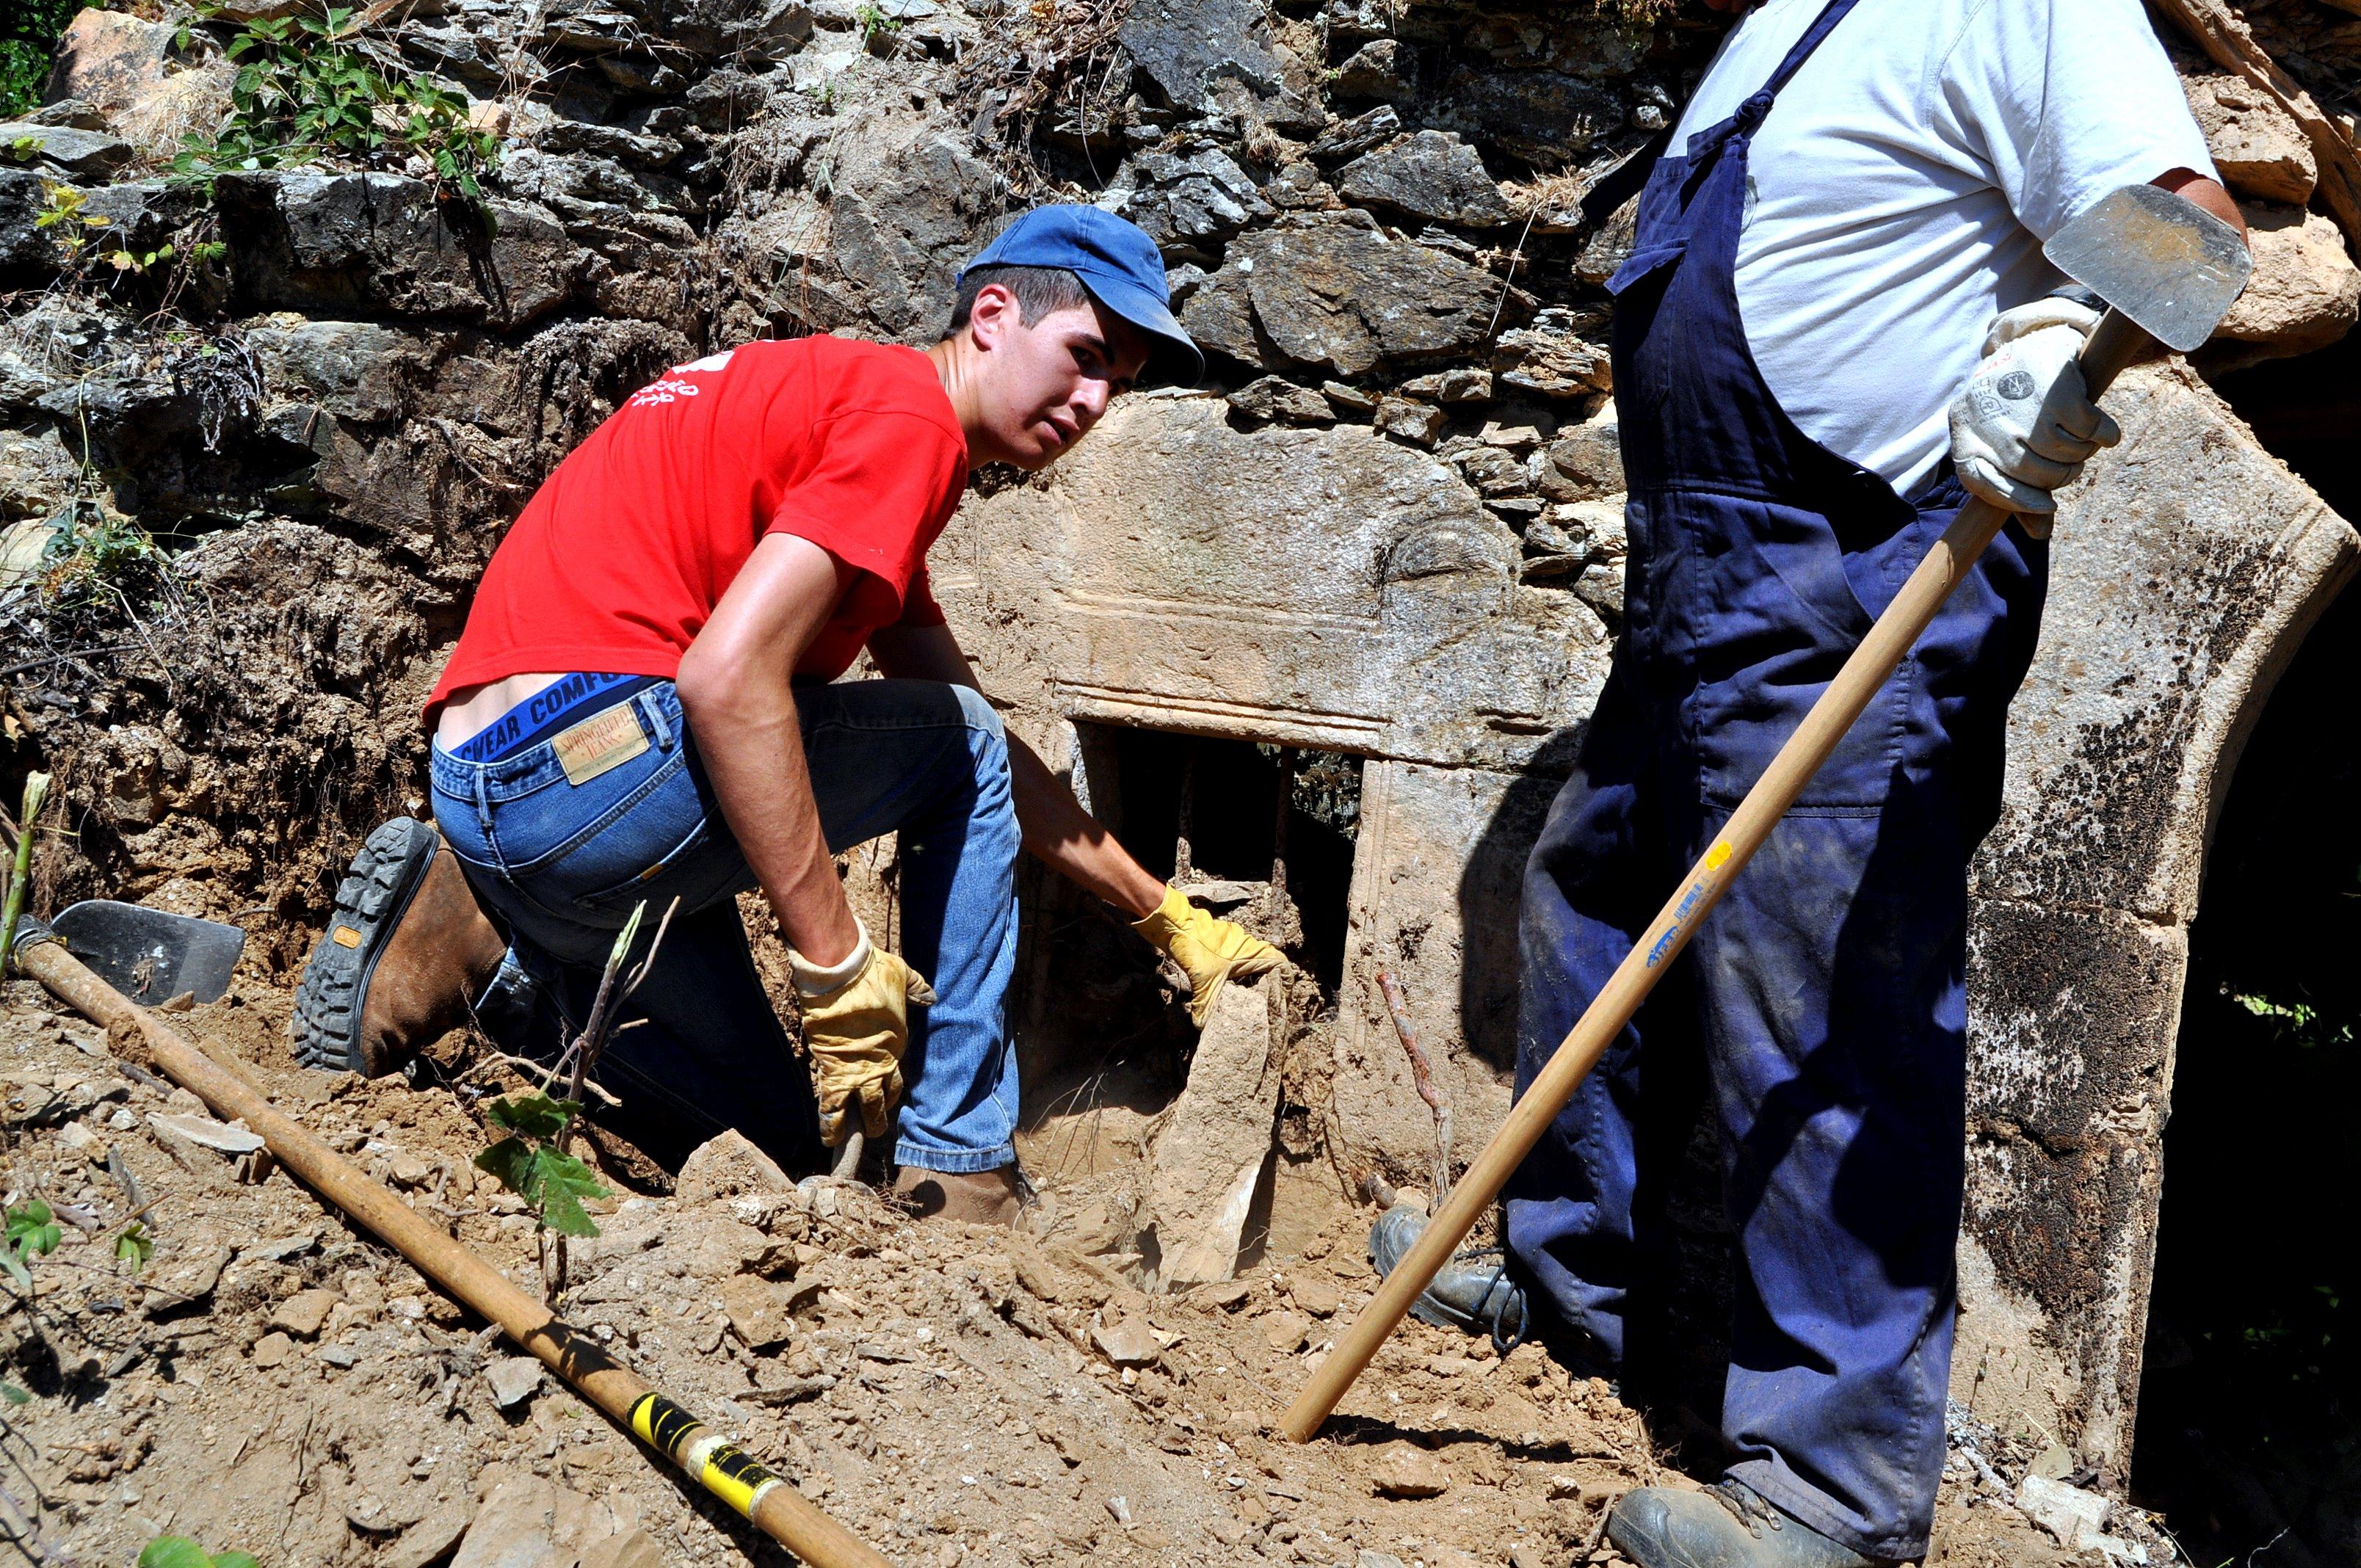 Bajo los escombros aparecen algunos elementos ocultos.